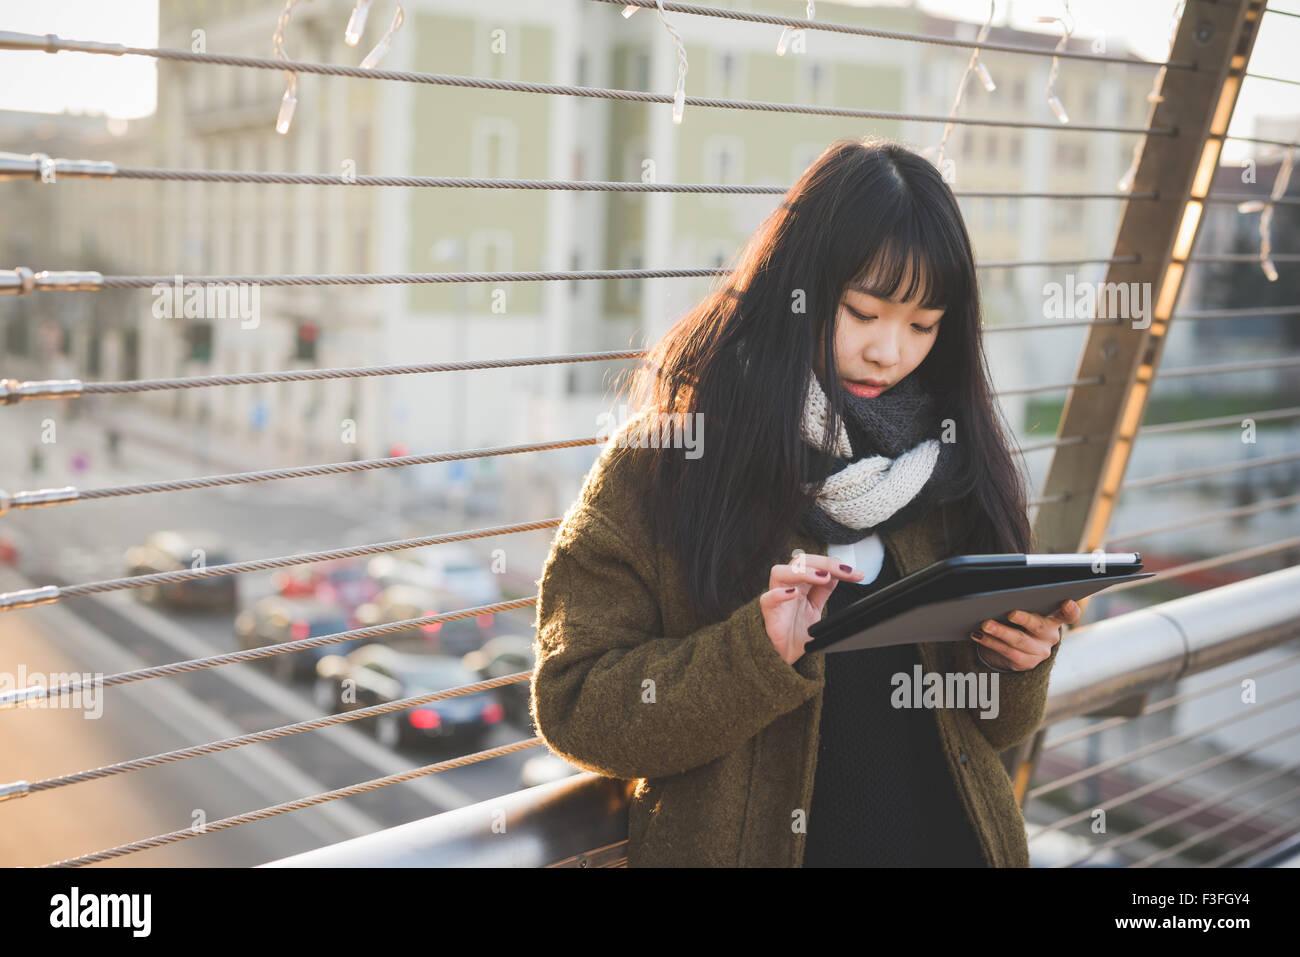 La moitié de la longueur de l'asiatique jeune belle femme brune cheveux long tout droit à l'aide Photo Stock